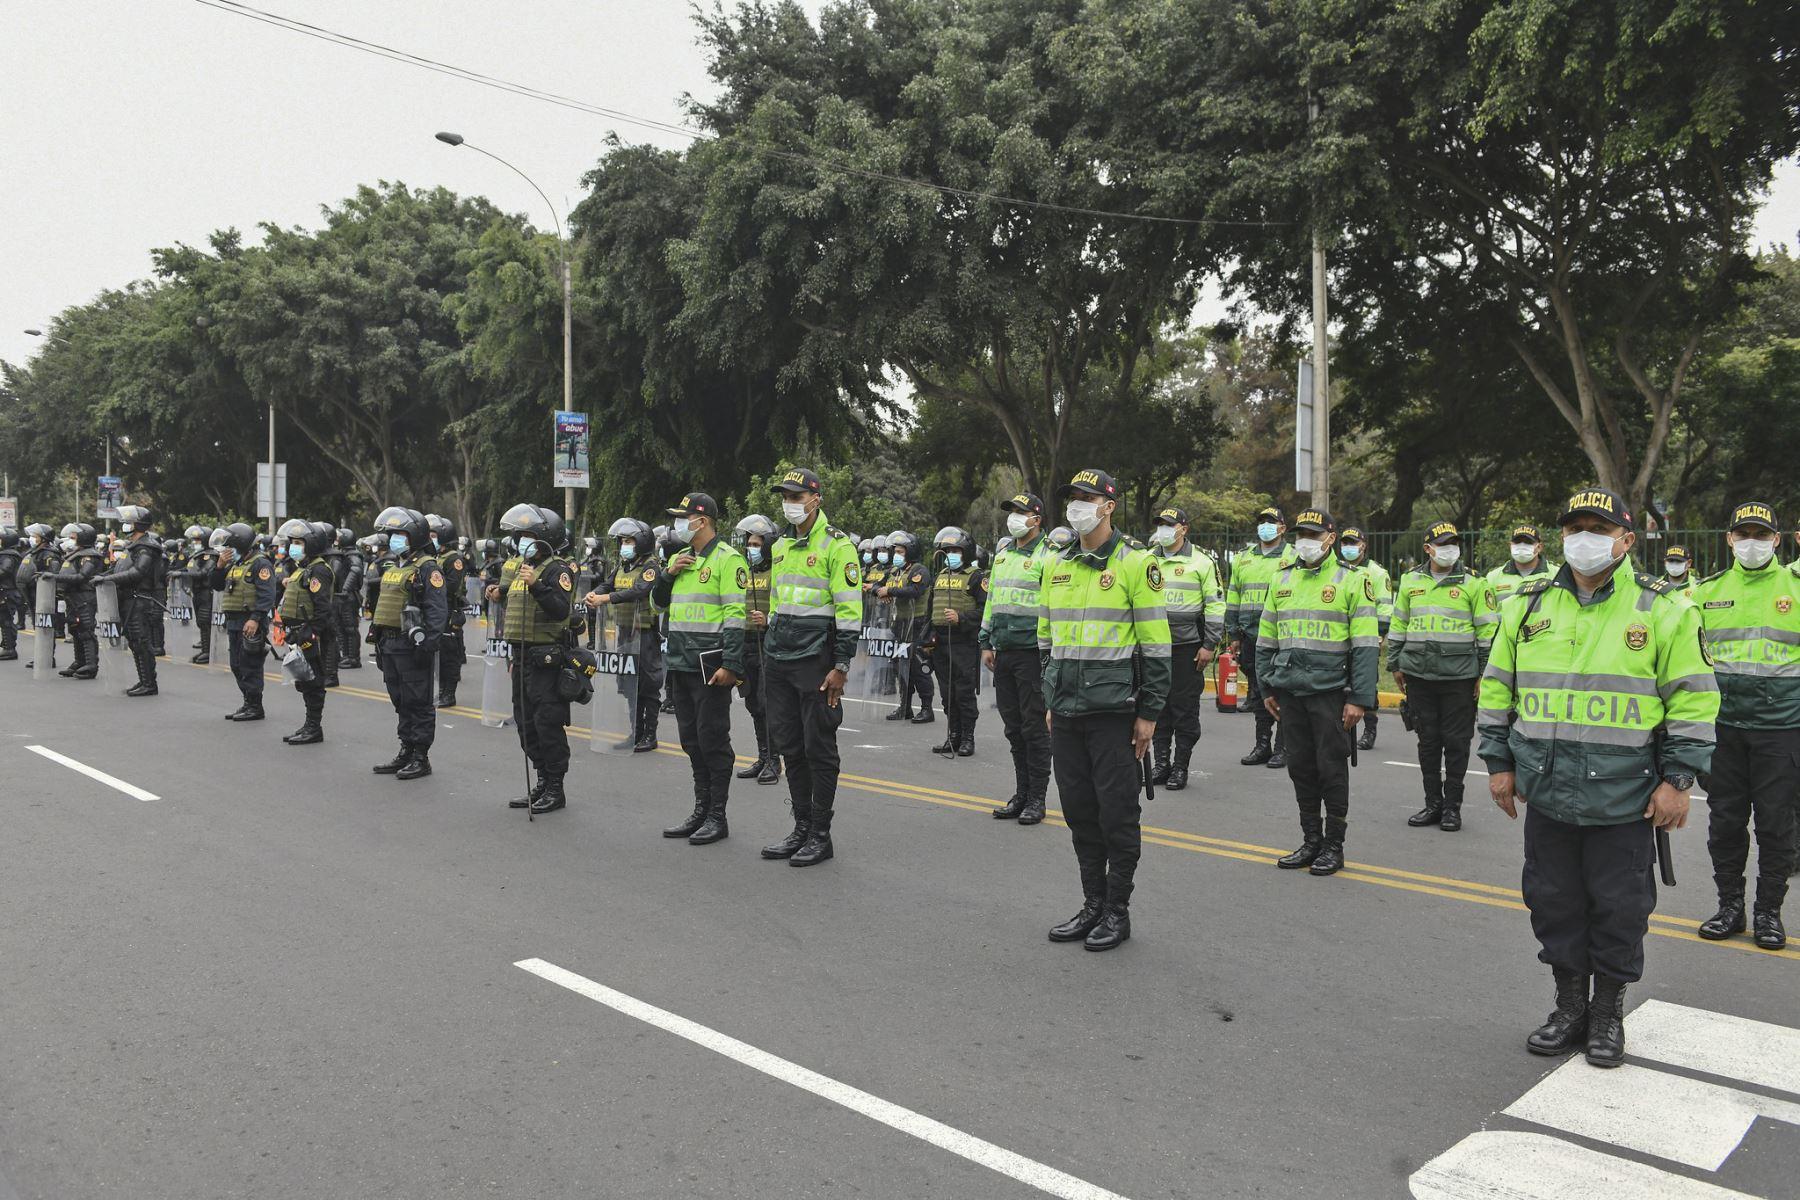 Fiestas Patrias: más de 106,000 policías resguardarán la seguridad a nivel nacional. Foto: ANDINA/Archivo